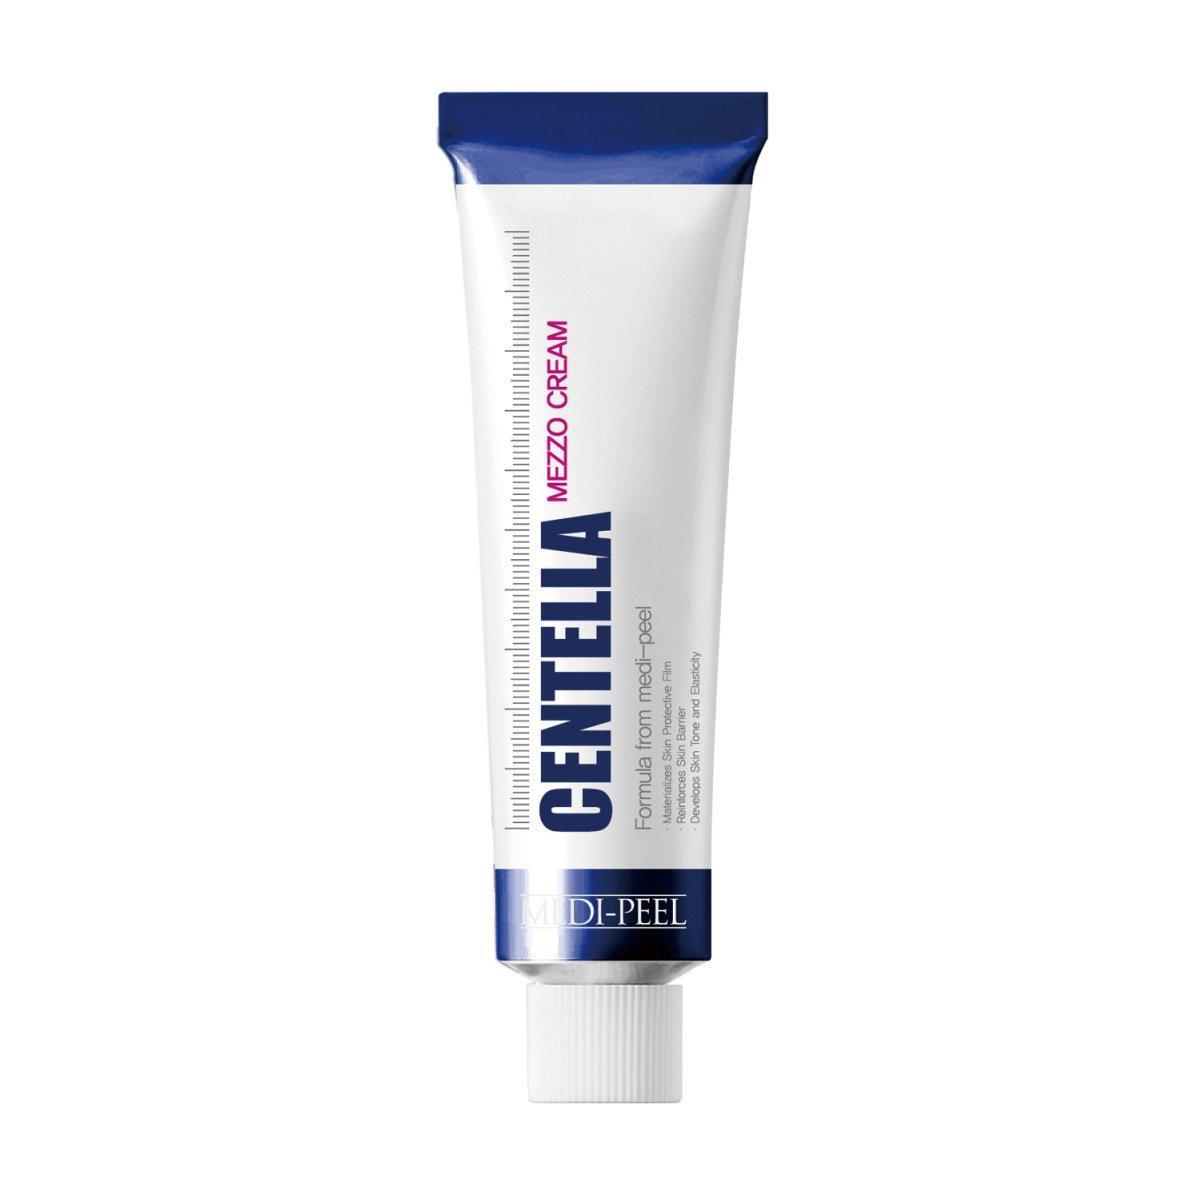 Успокаивающий крем с экстрактом центеллы MEDI-PEEL Centella Mezzo Cream